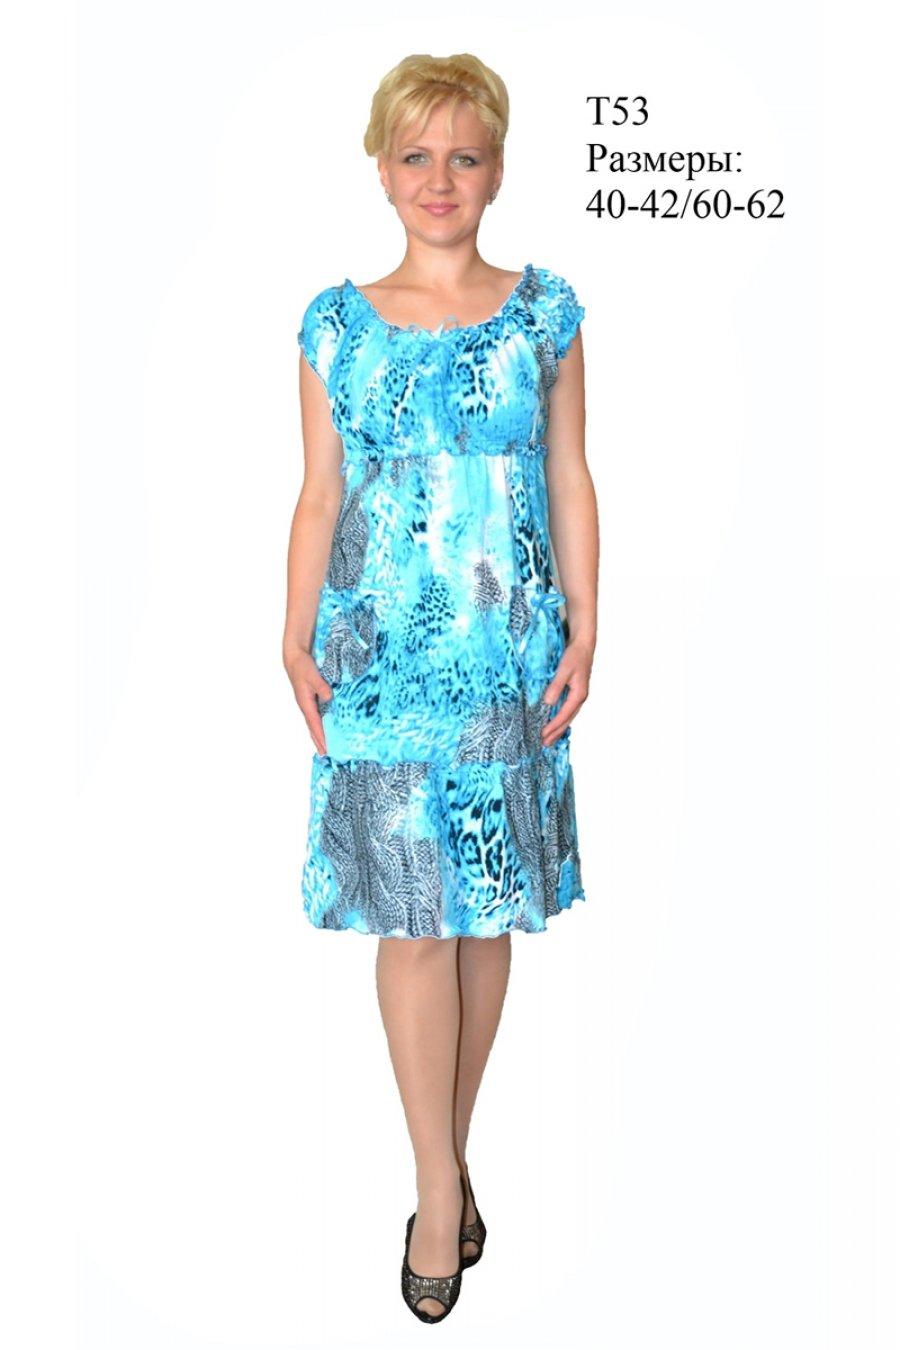 Увеличить - П53 платье